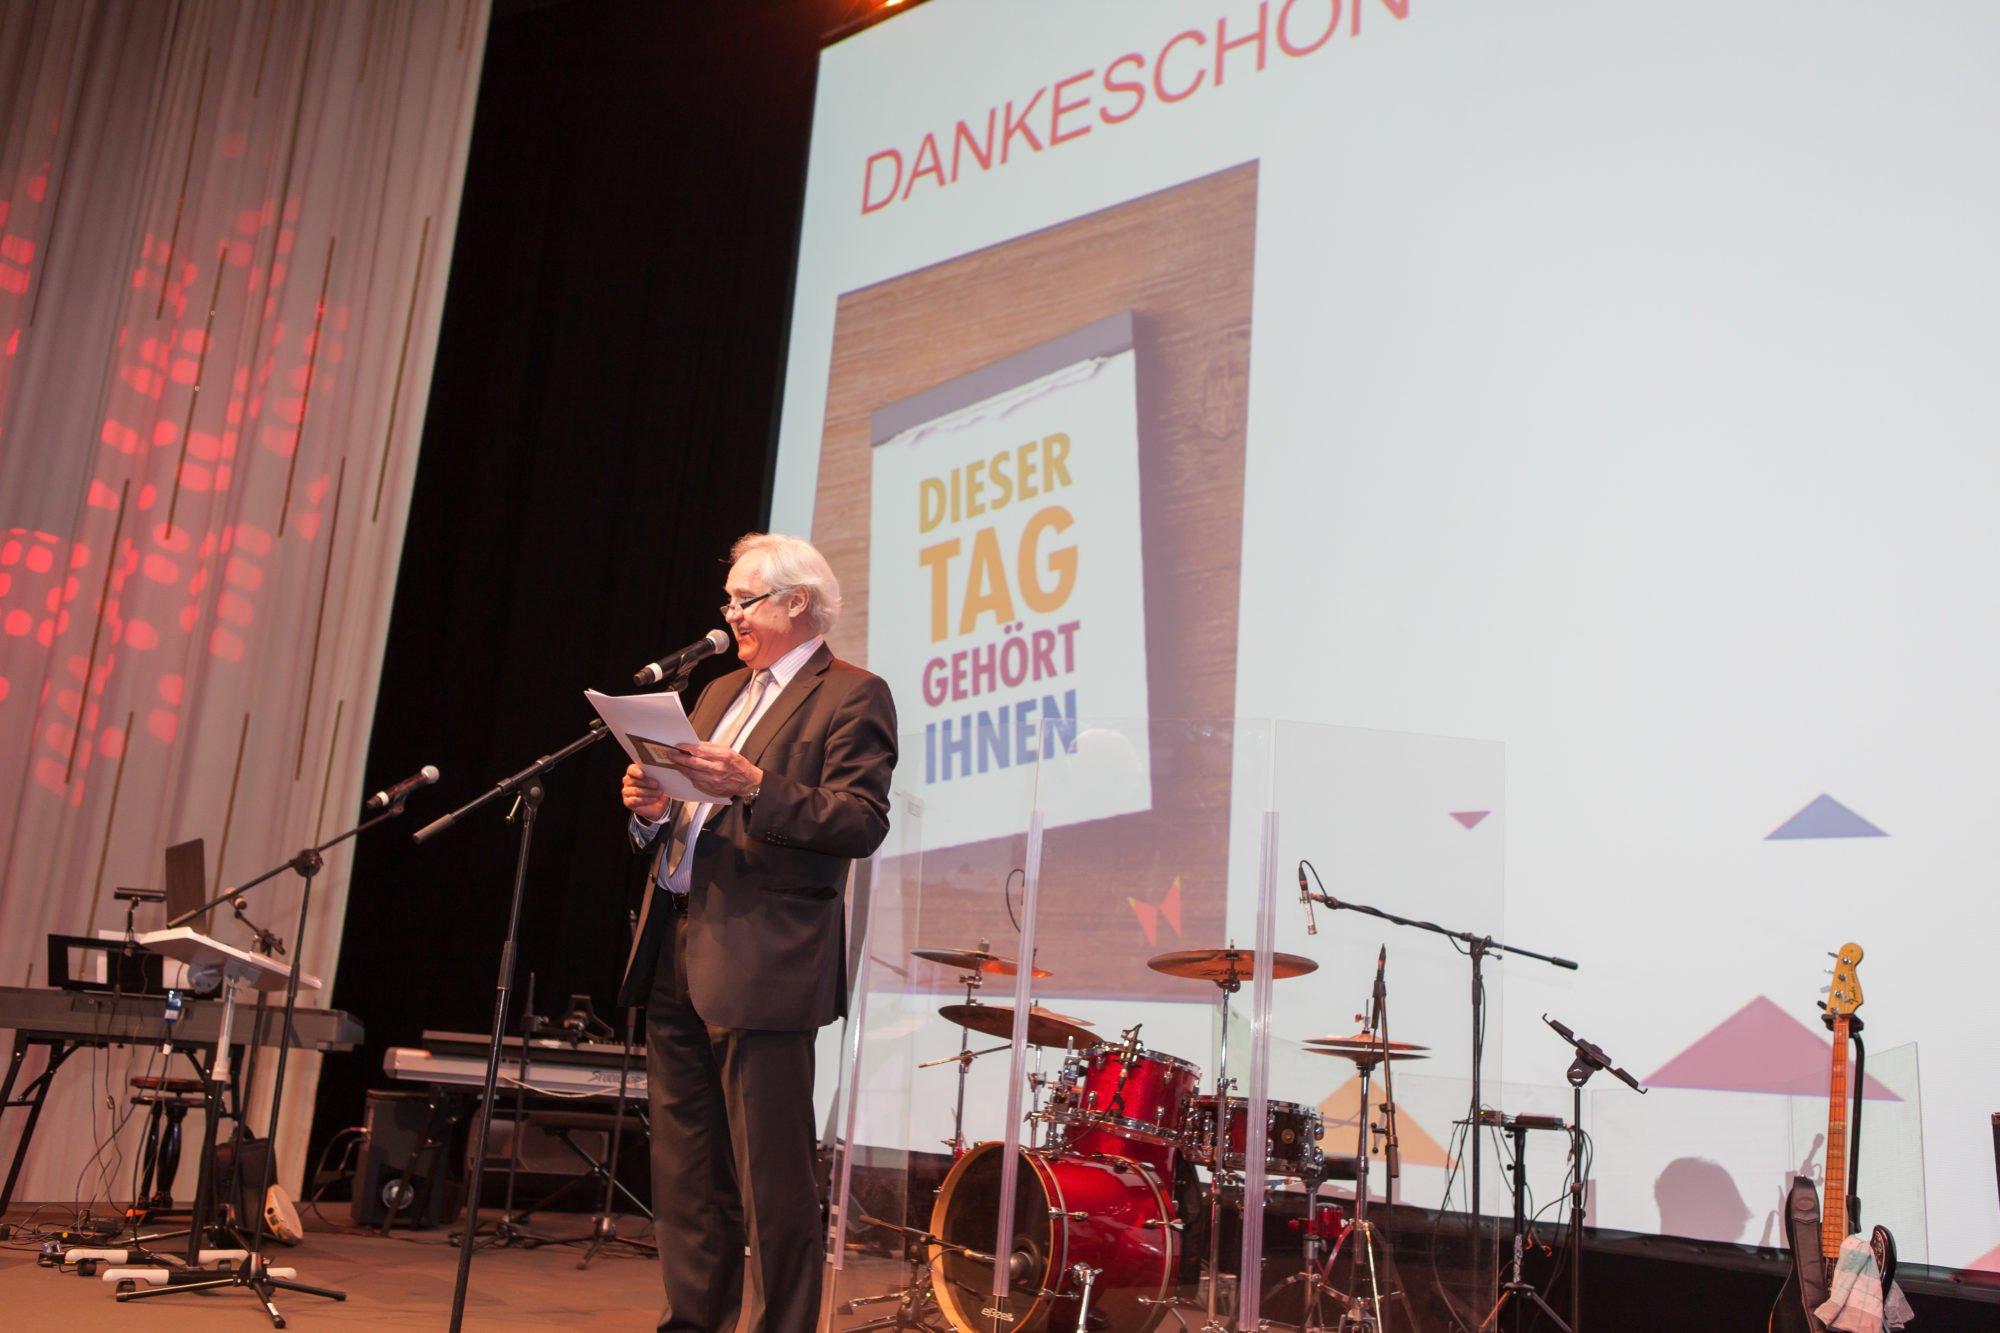 Wolfgang Schrödter auf der Bühne beim Mitarbeiterfest zum 100-jährigen Jubiläum der Stiftung.